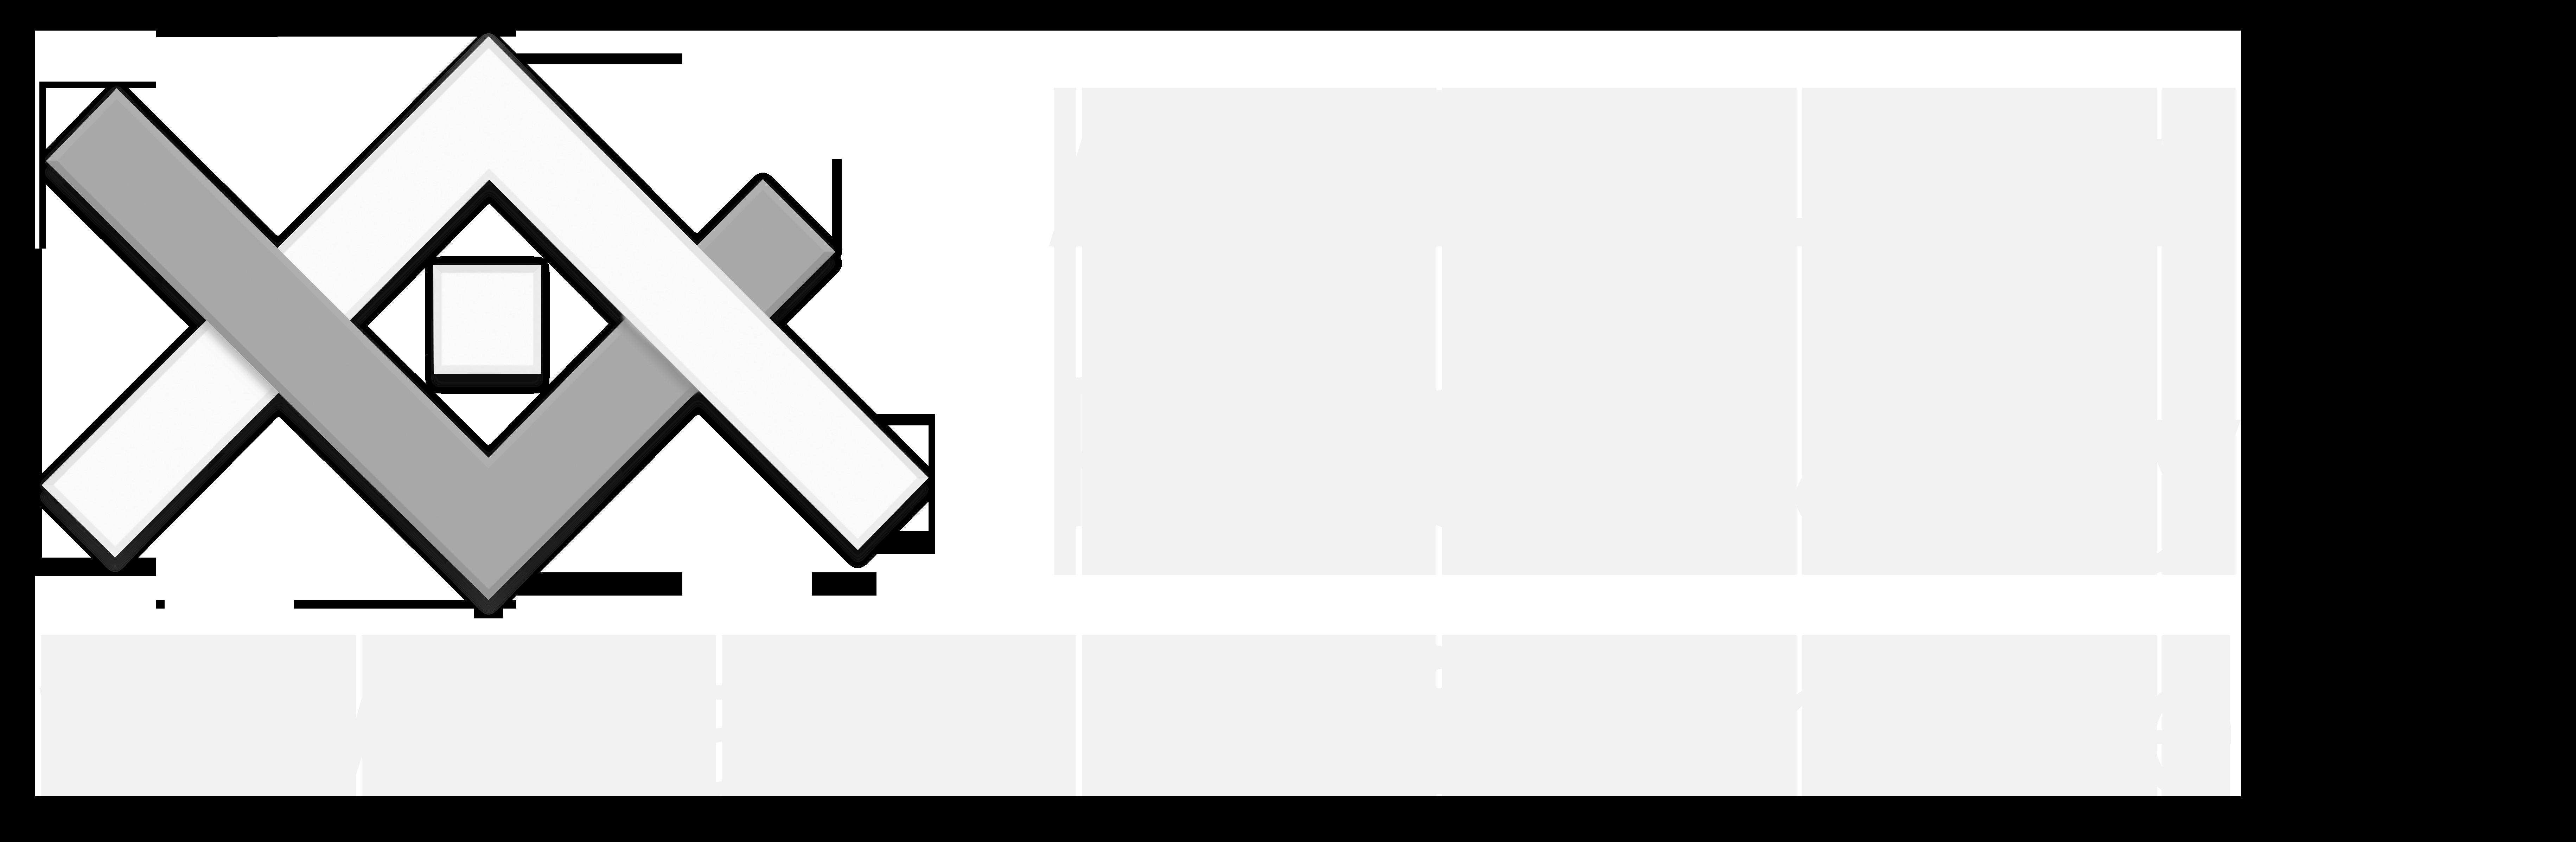 Andre Litfin